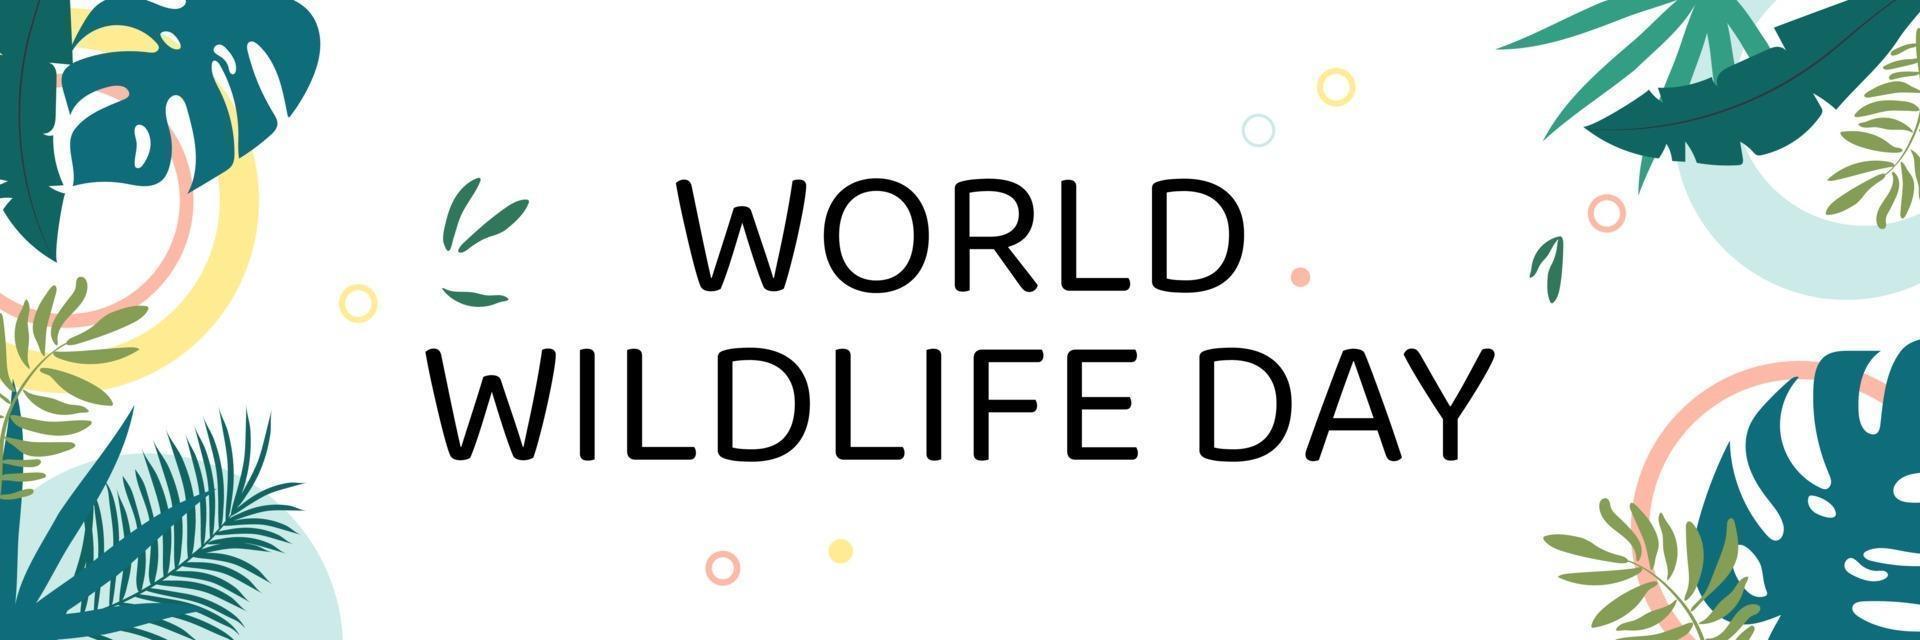 världens vilda djurdag. text bland djungeln. vektor illustration